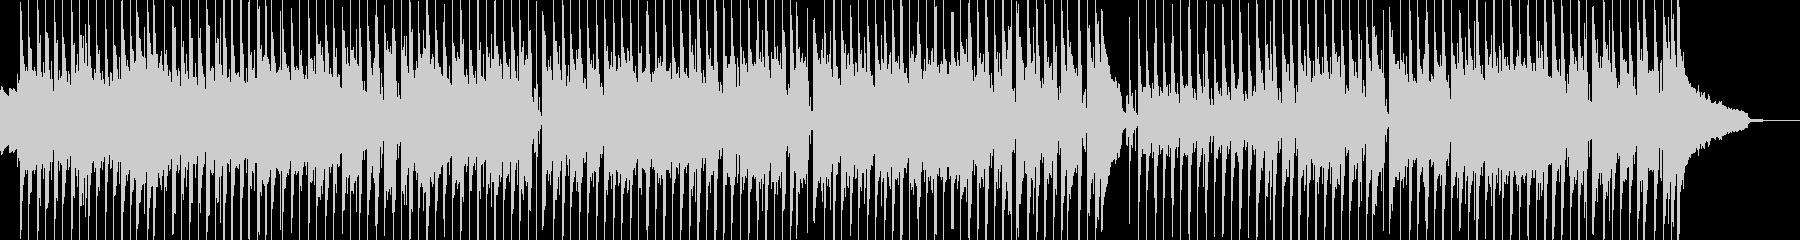 日常的・ほのぼの打楽器ポップス 短尺★の未再生の波形